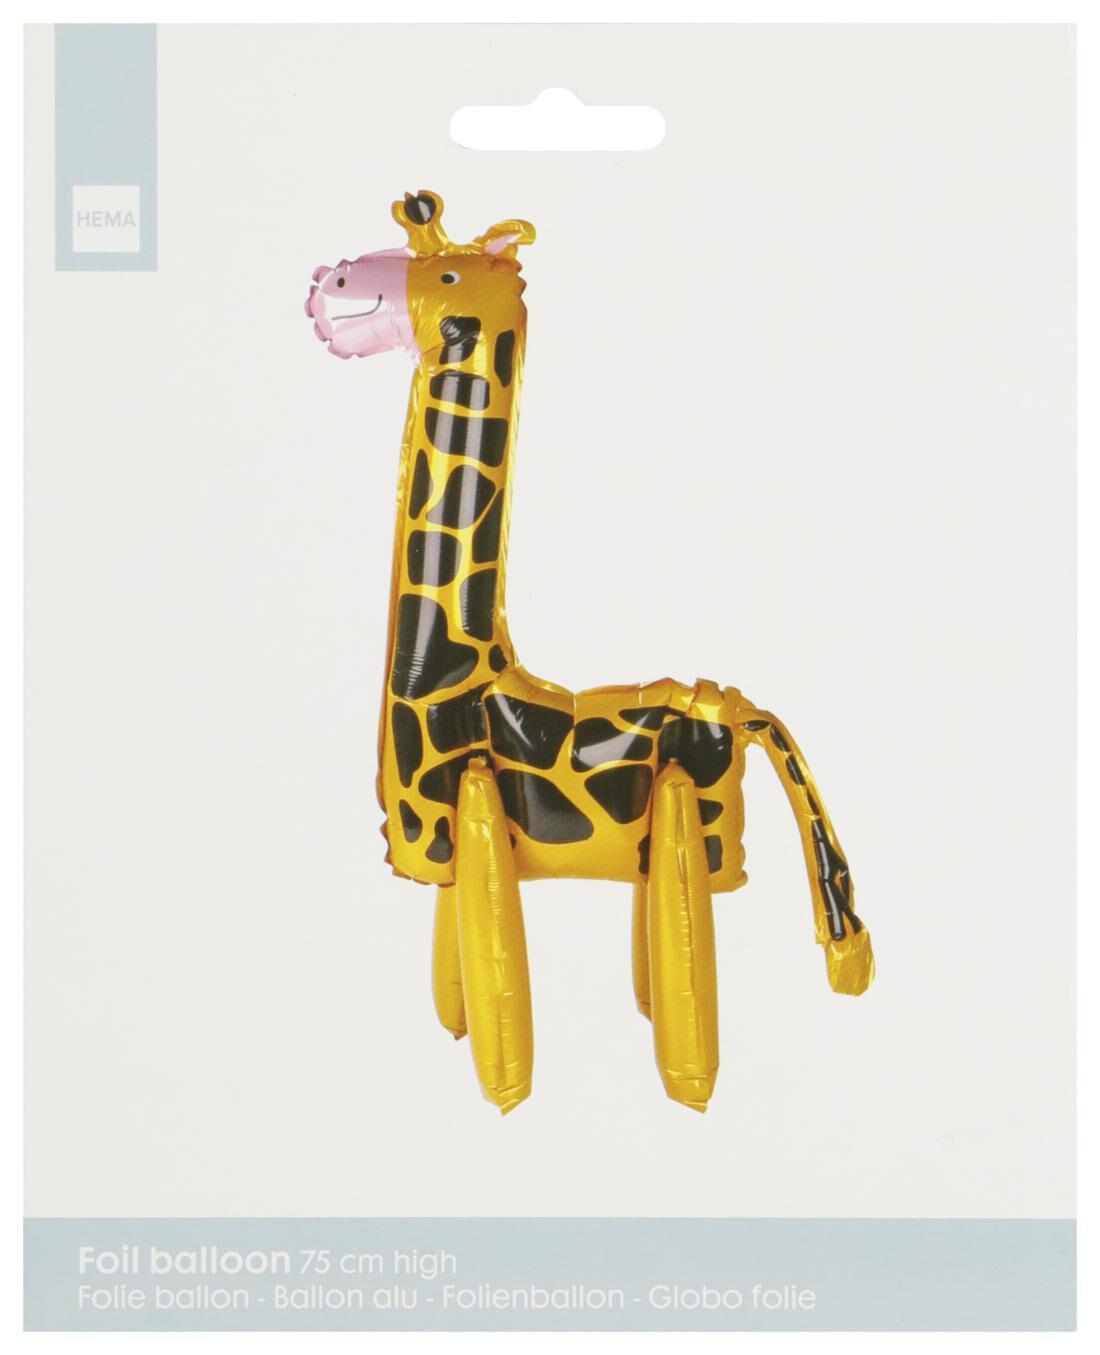 HEMA Folieballon Giraffe 75 Cm